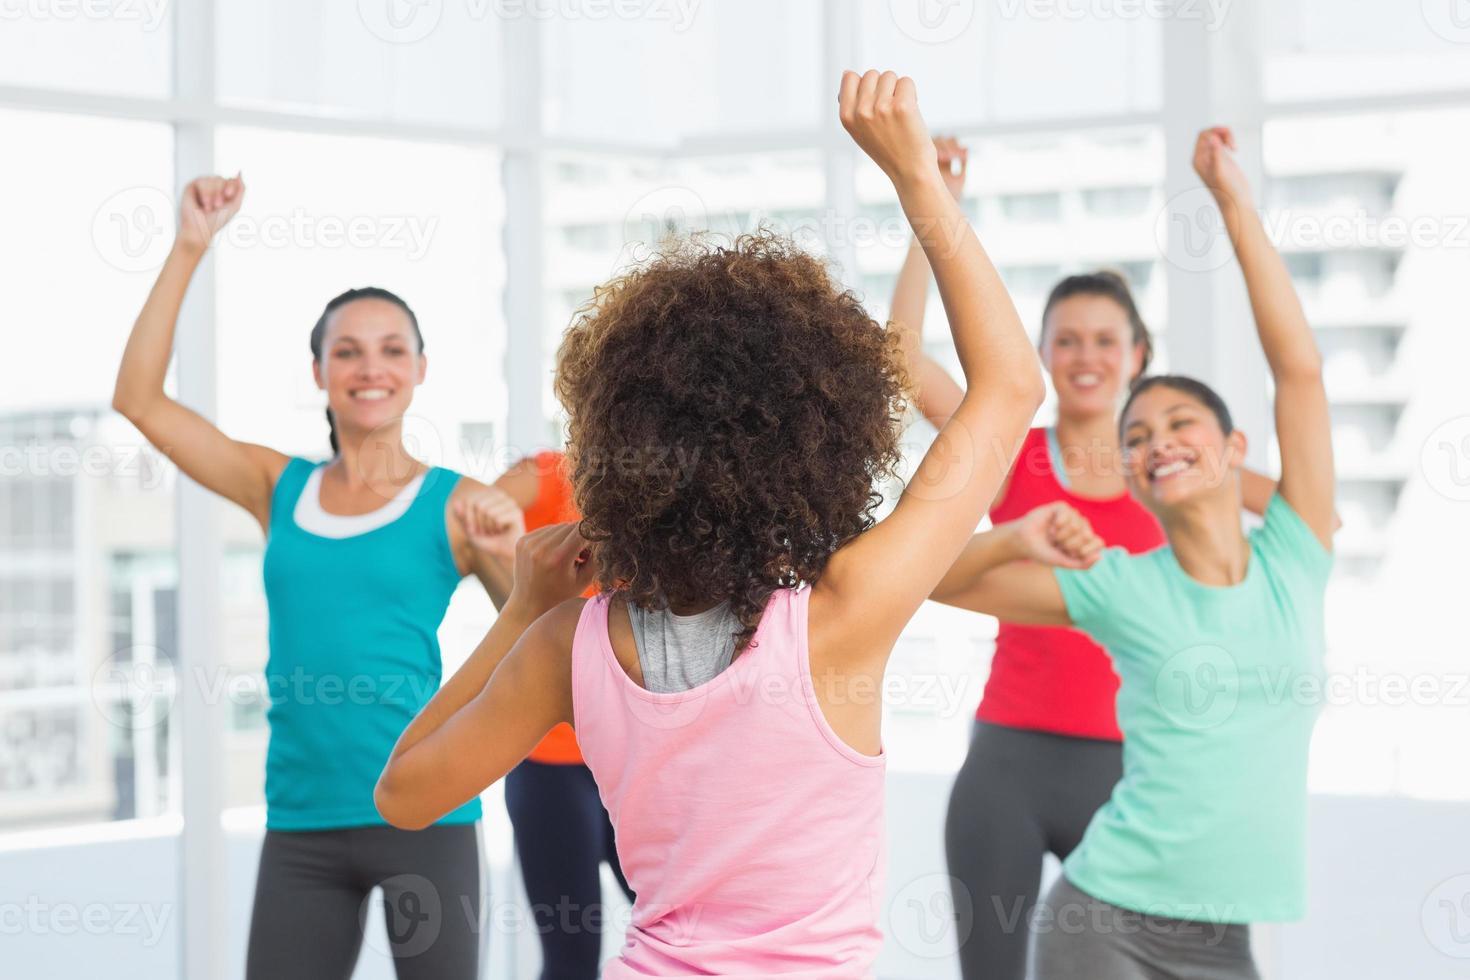 aula de fitness e instrutor fazendo exercício de pilates foto